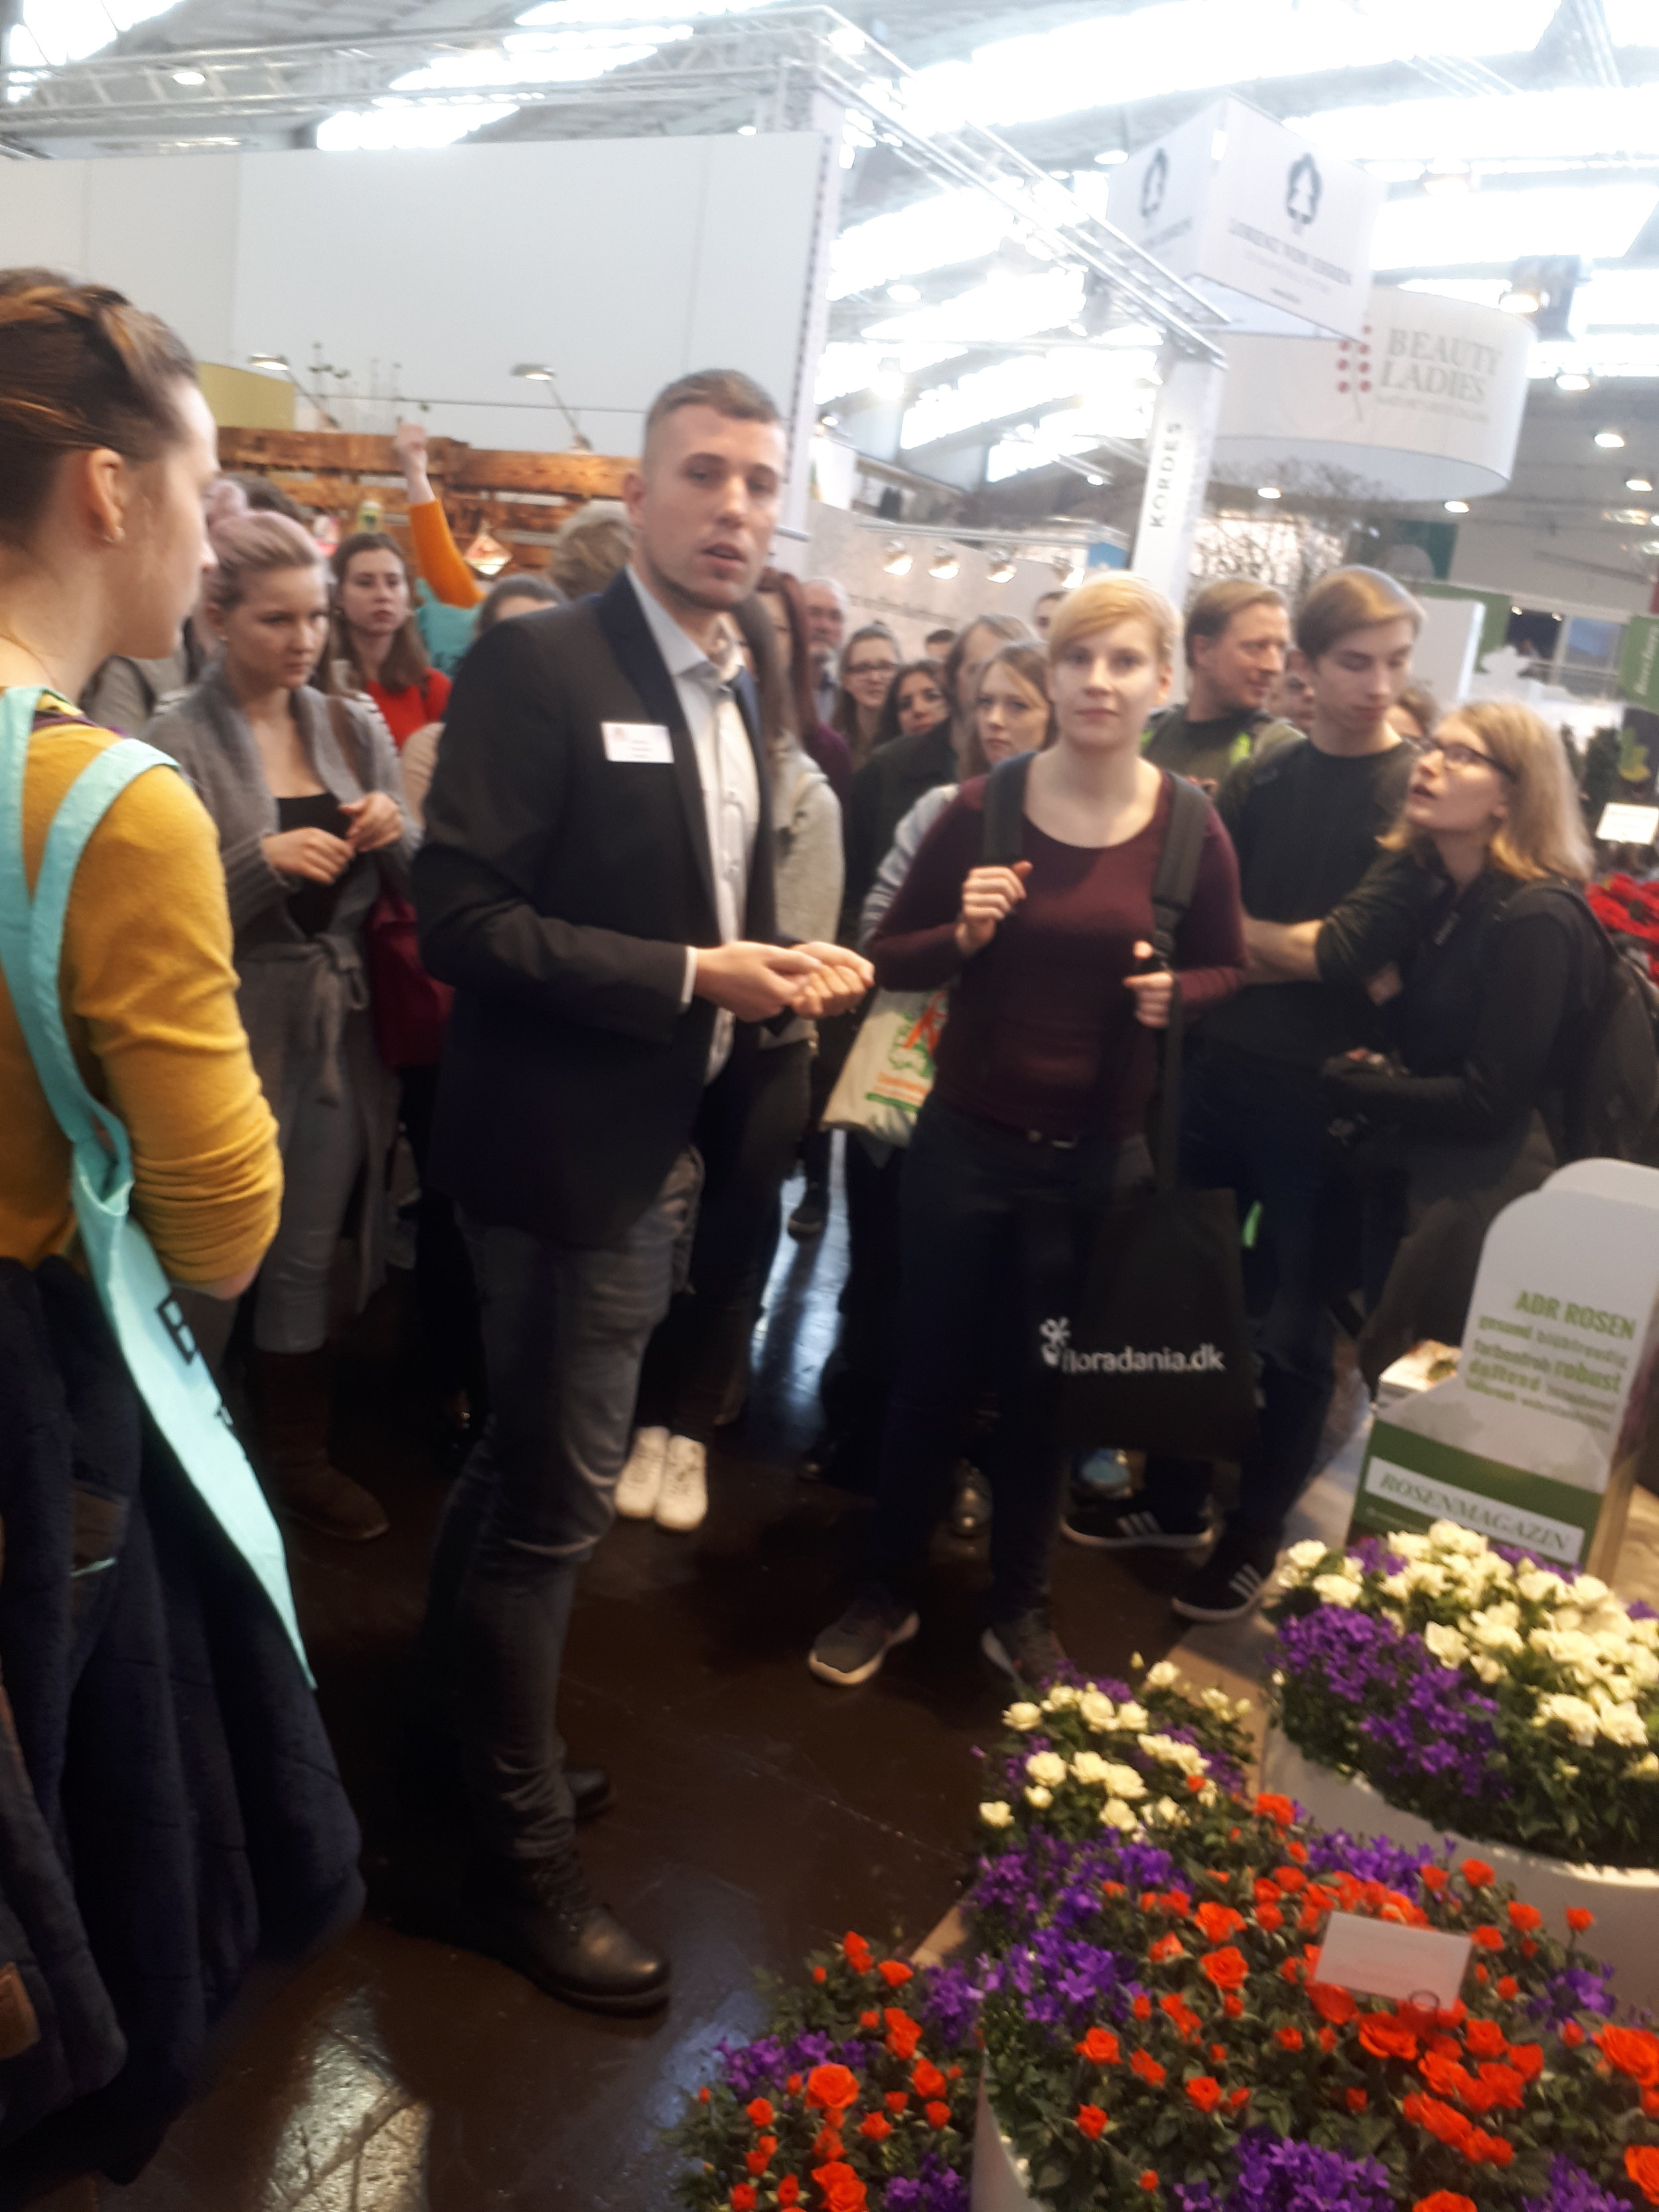 Herr Kordes erläutert den Studierenden die Vielfältigkeit der Produktpalette von Rosen Kordes